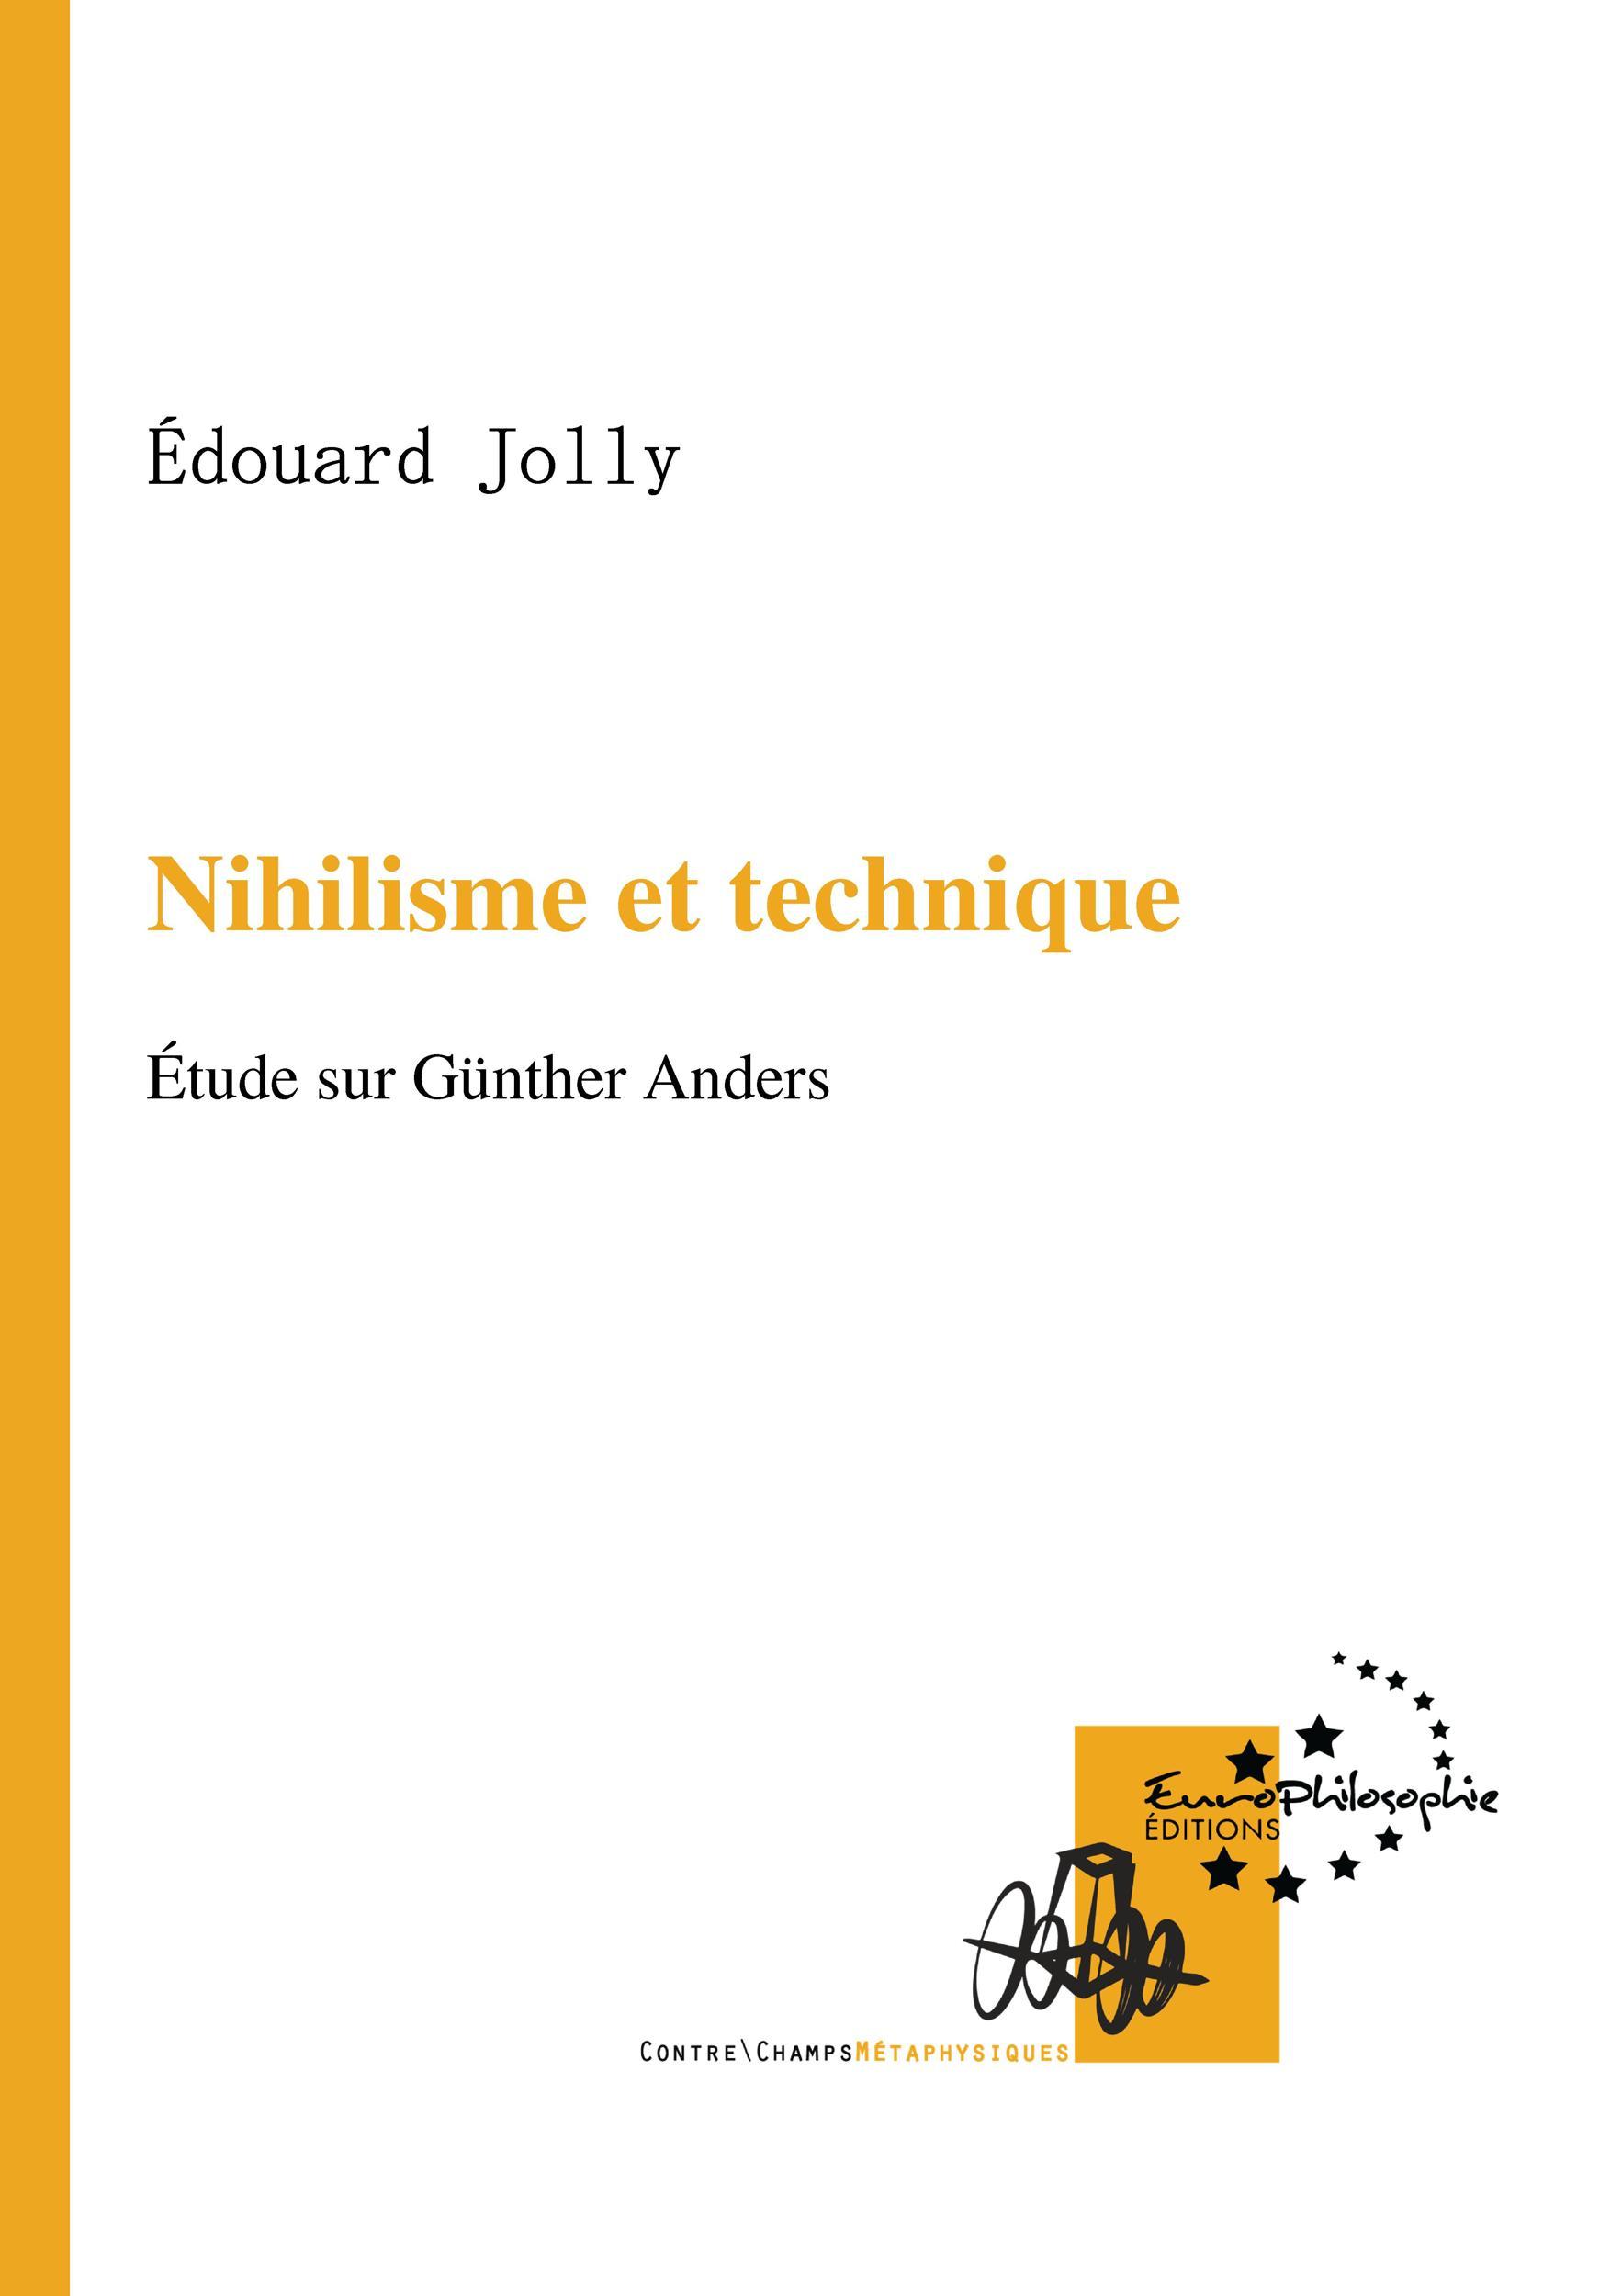 Nihilisme et technique, ÉTUDE SUR GÜNTHER ANDERS